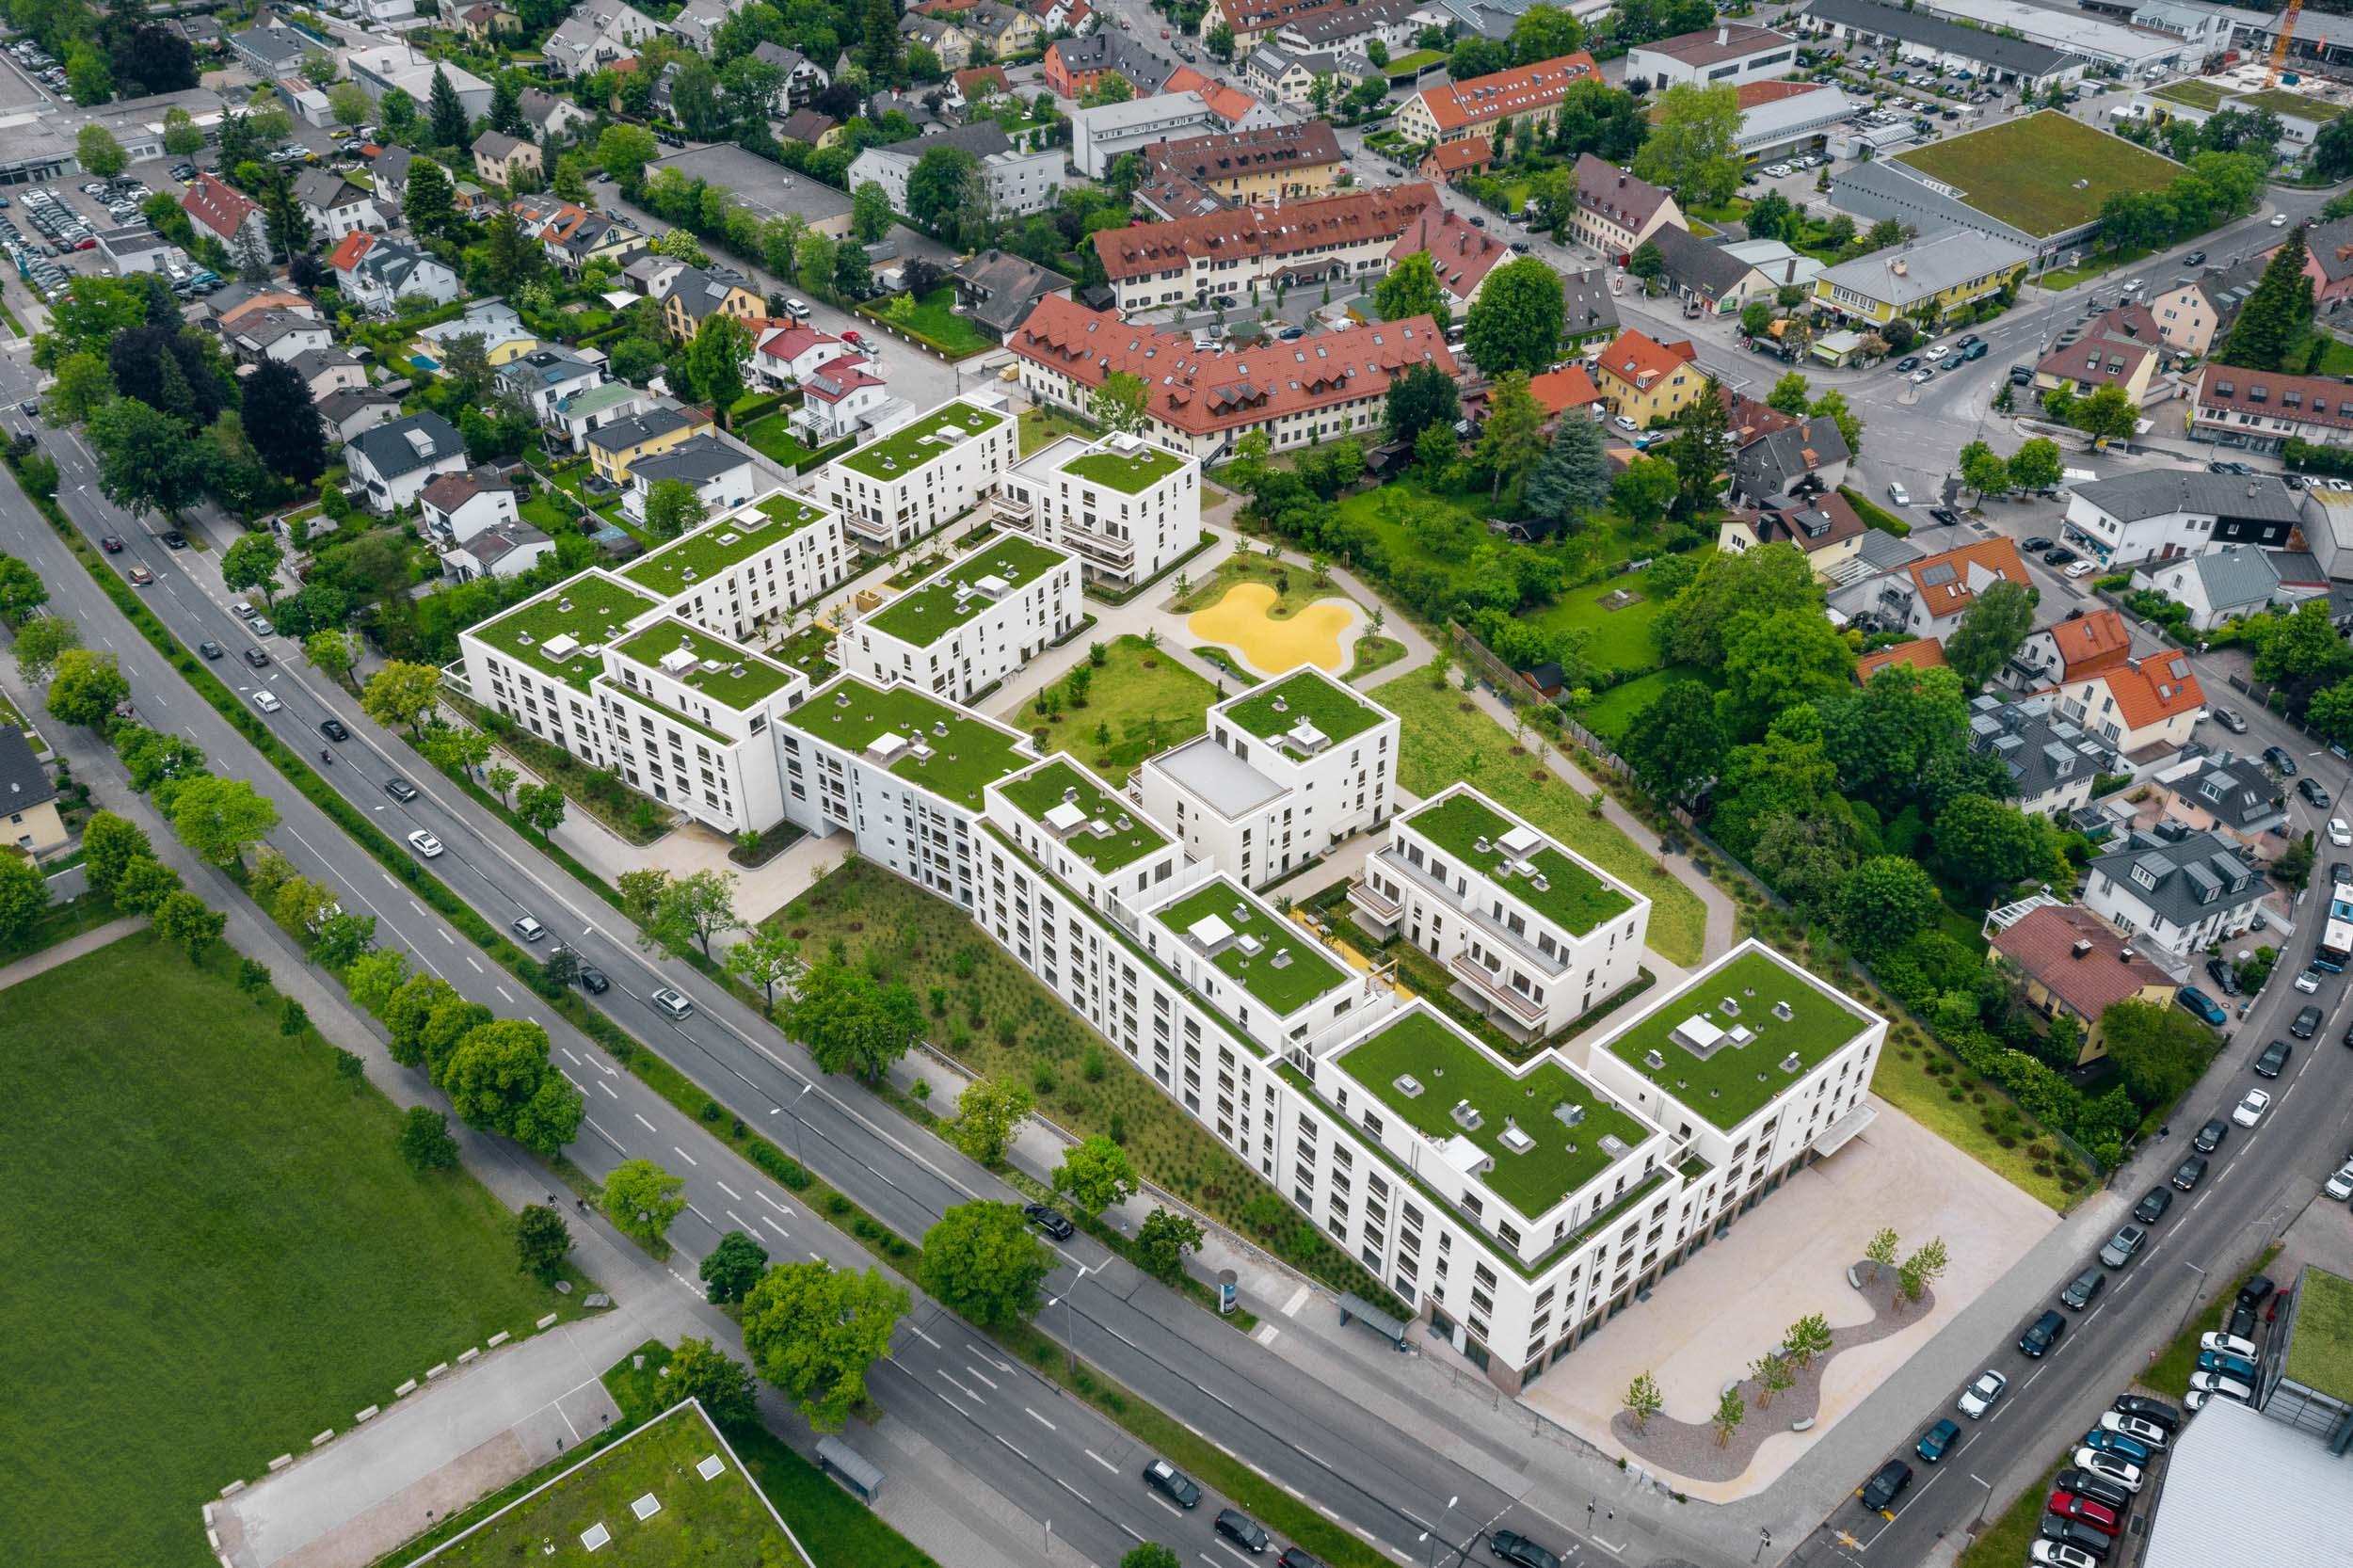 Gustav-Epple-Bauunternehmung-Tru-Living-München-Wohnbau-2020-TruLiving_DJI_0728#00